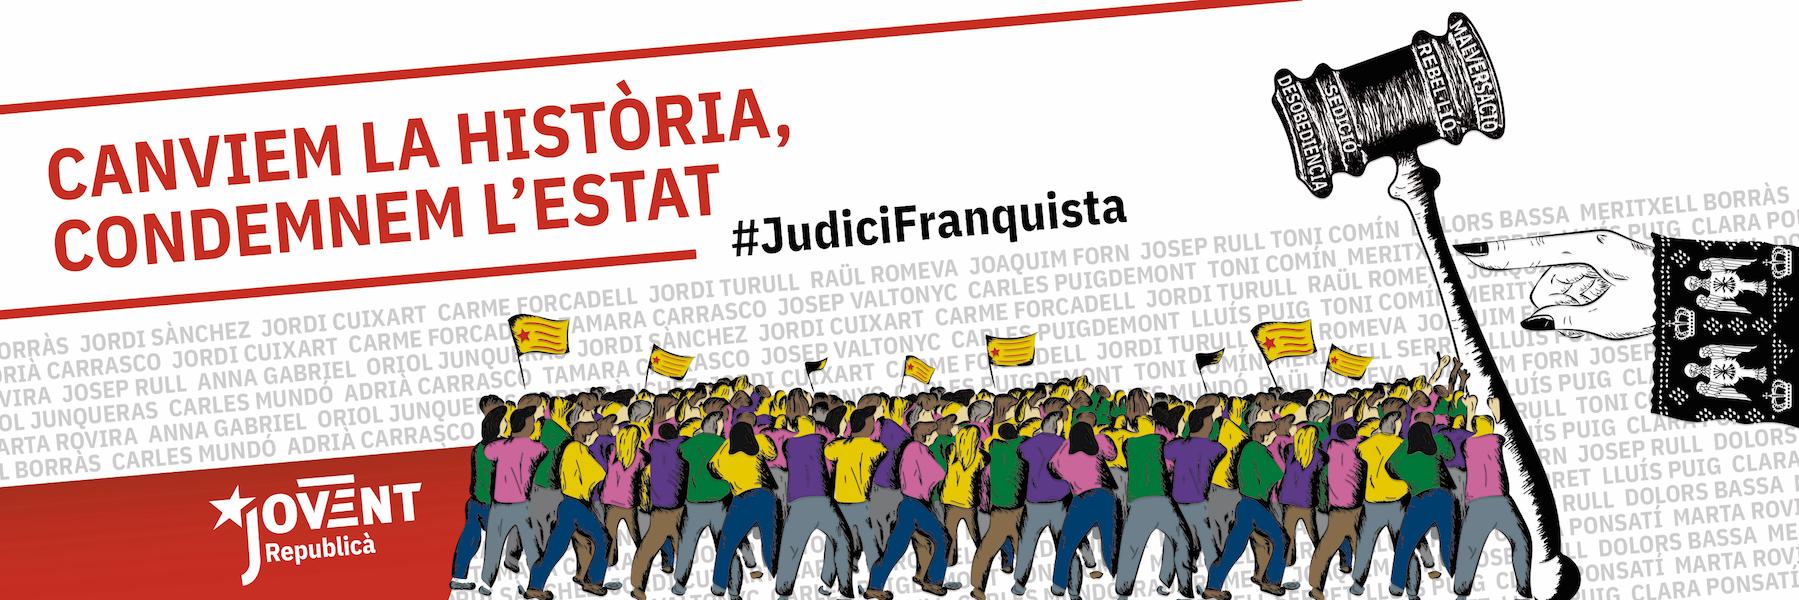 Mobilitzem-nos contra el judici franquista